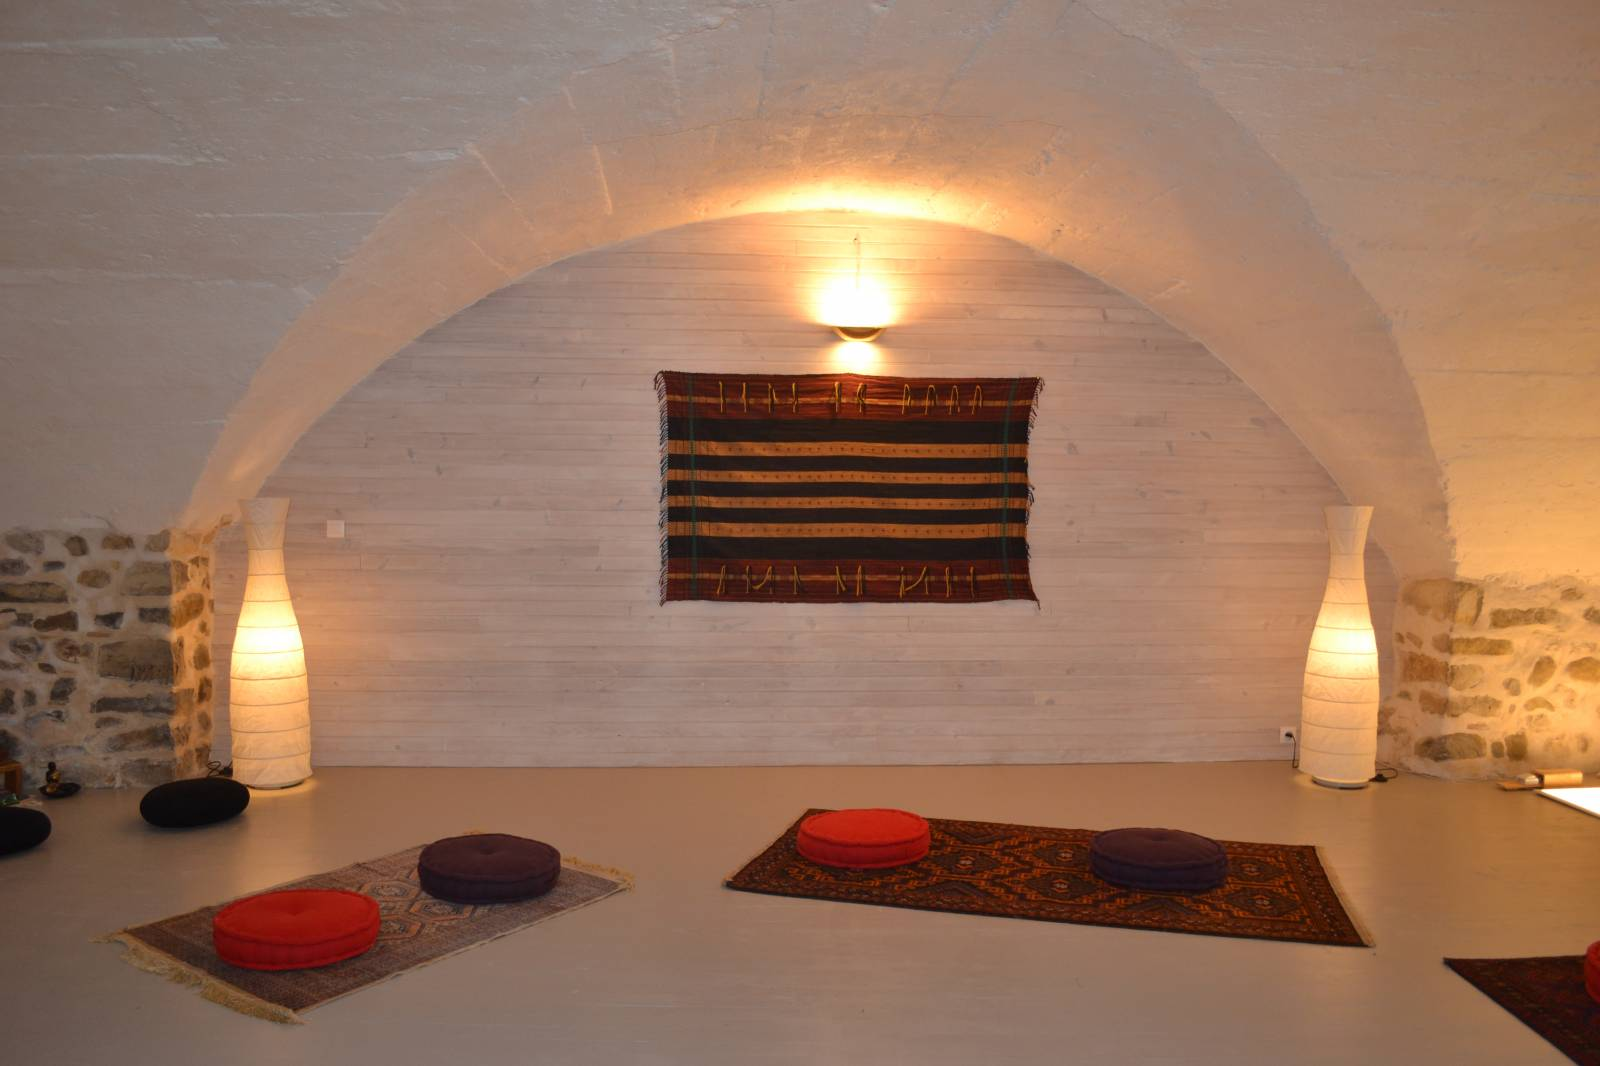 salle de 55 m pour pratique de yoga m ditation massage dans un cadre exceptionnel en drome. Black Bedroom Furniture Sets. Home Design Ideas